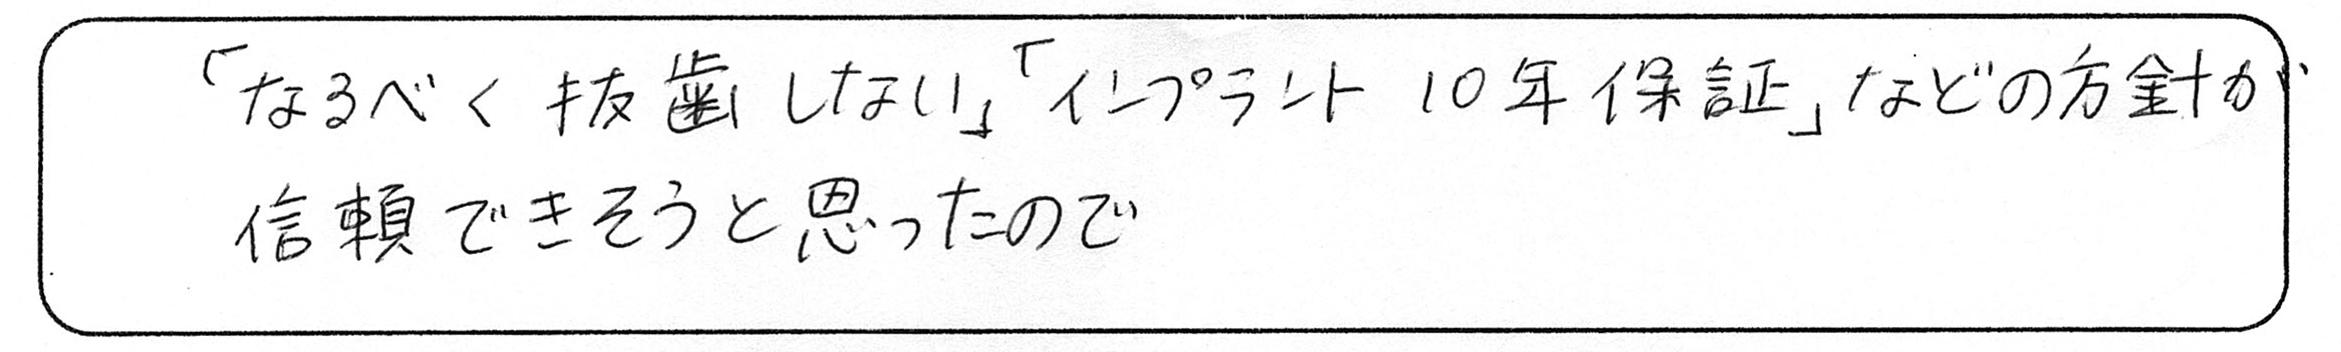 1-3 立川市 J.T 様